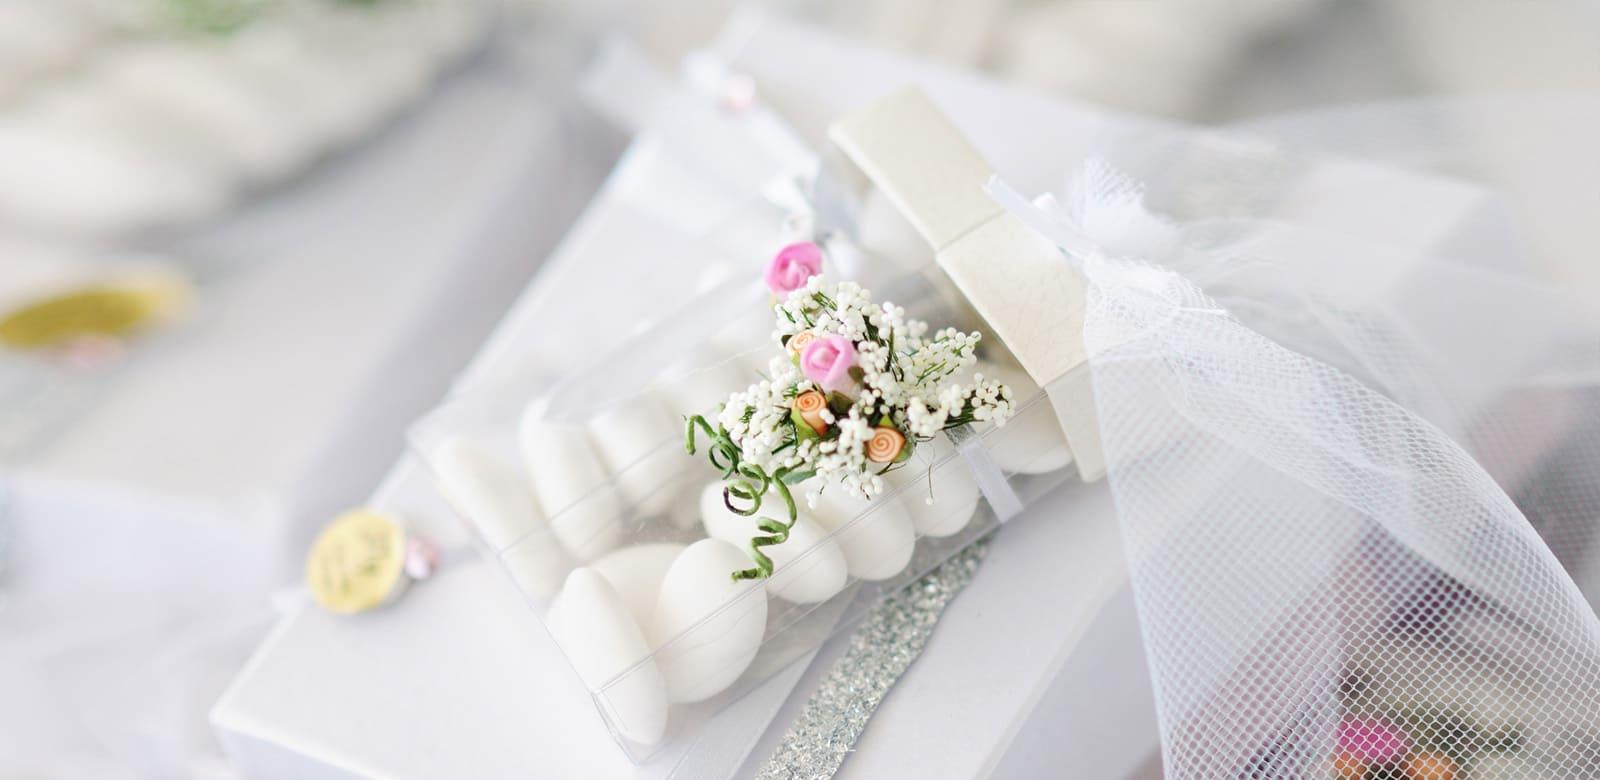 Confezioni di bomboniere di matrimonio a Reggio Calabria